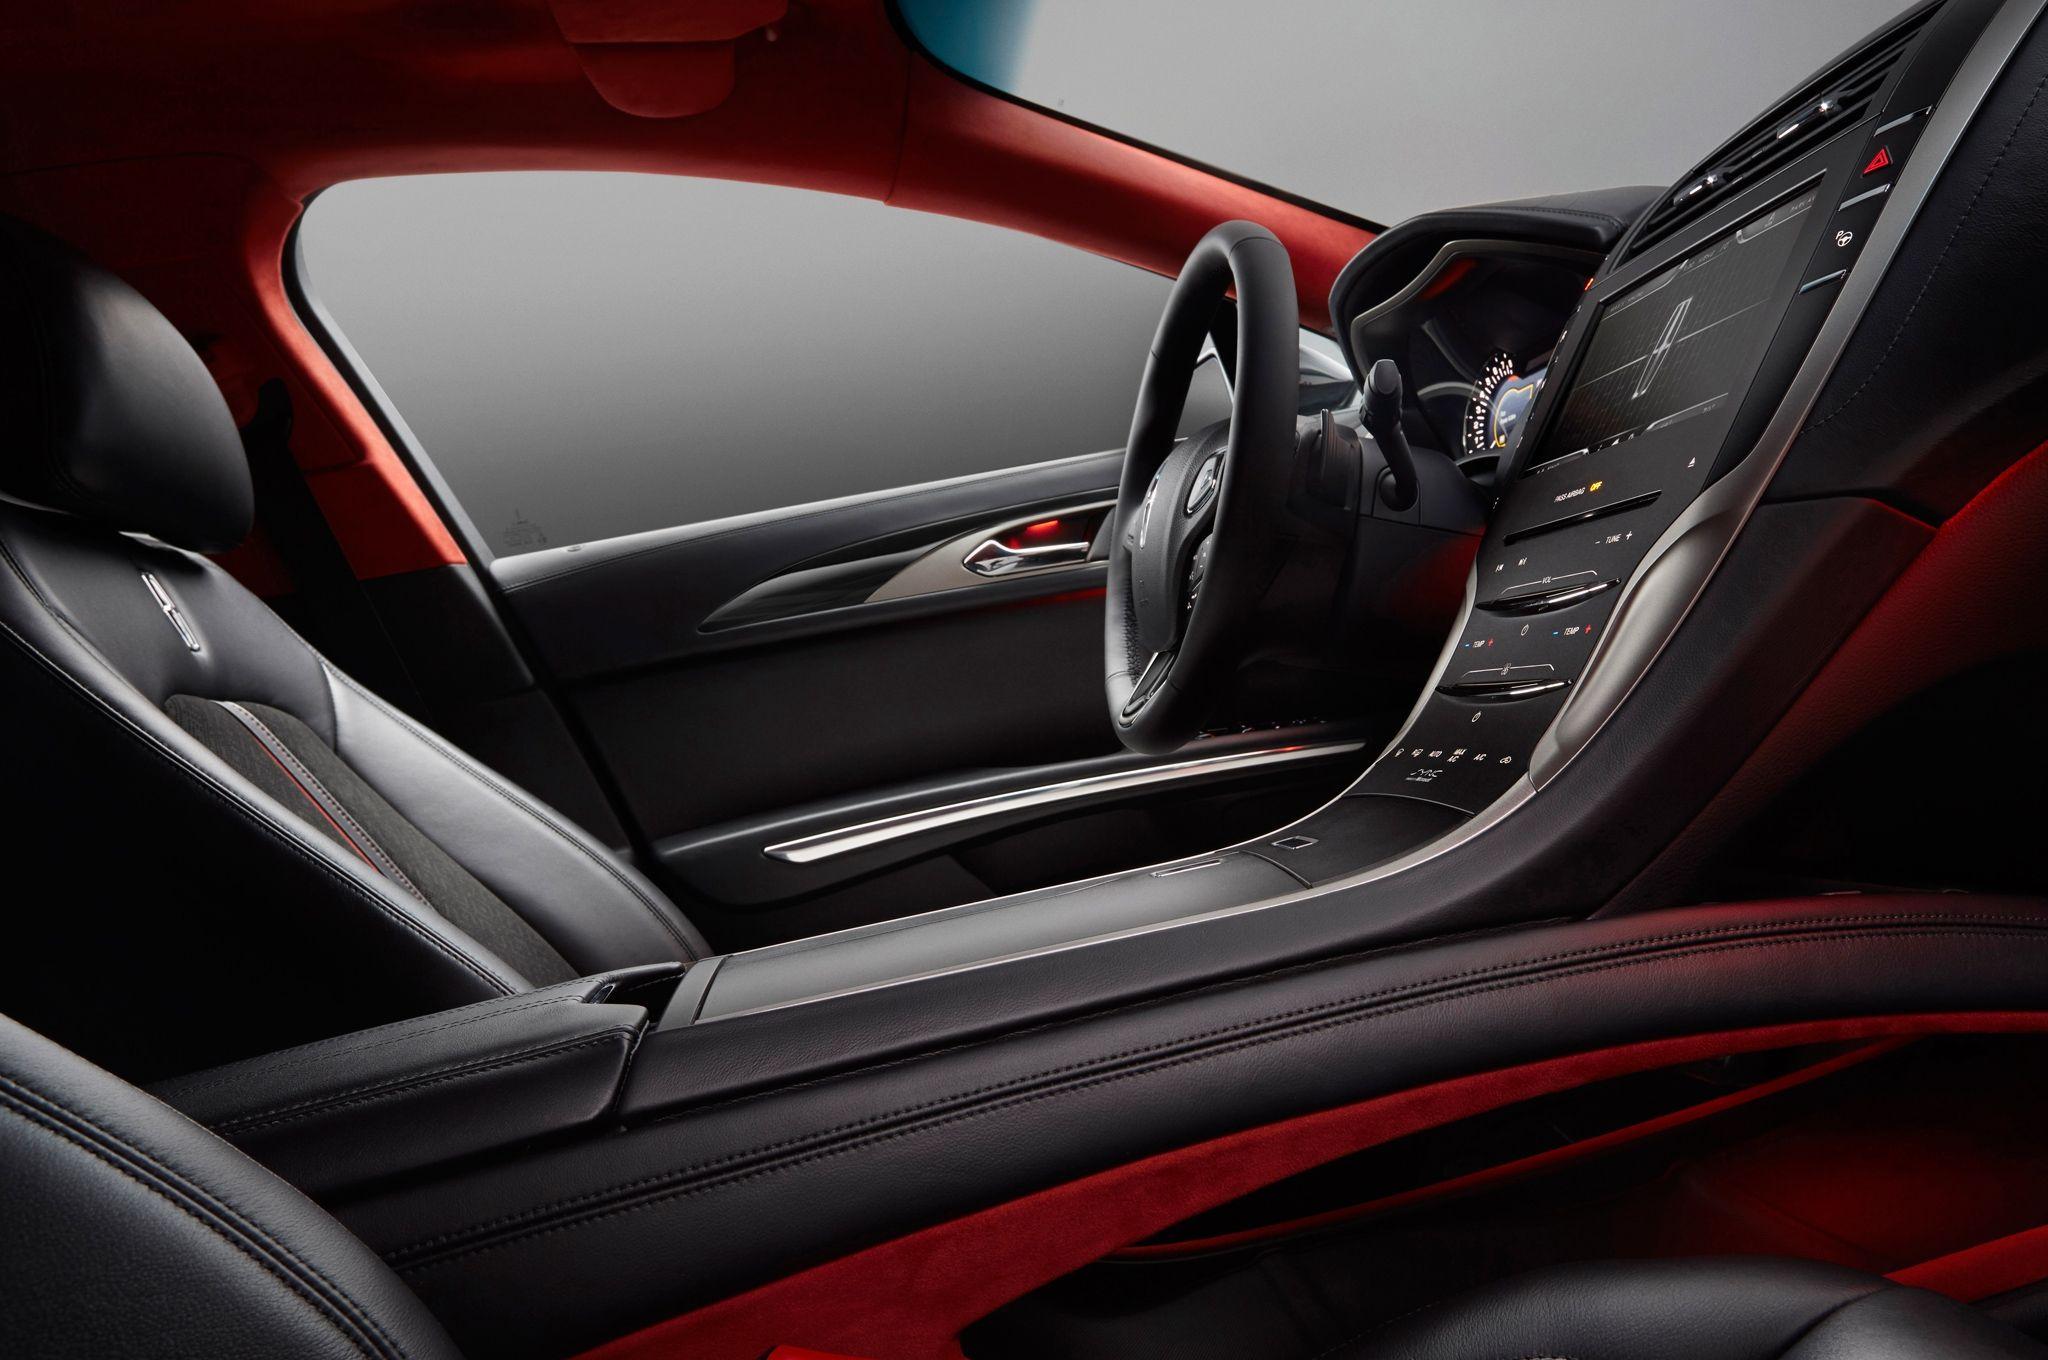 2015 Lincoln Mkz Black Label Interior 1 (2048×1360)